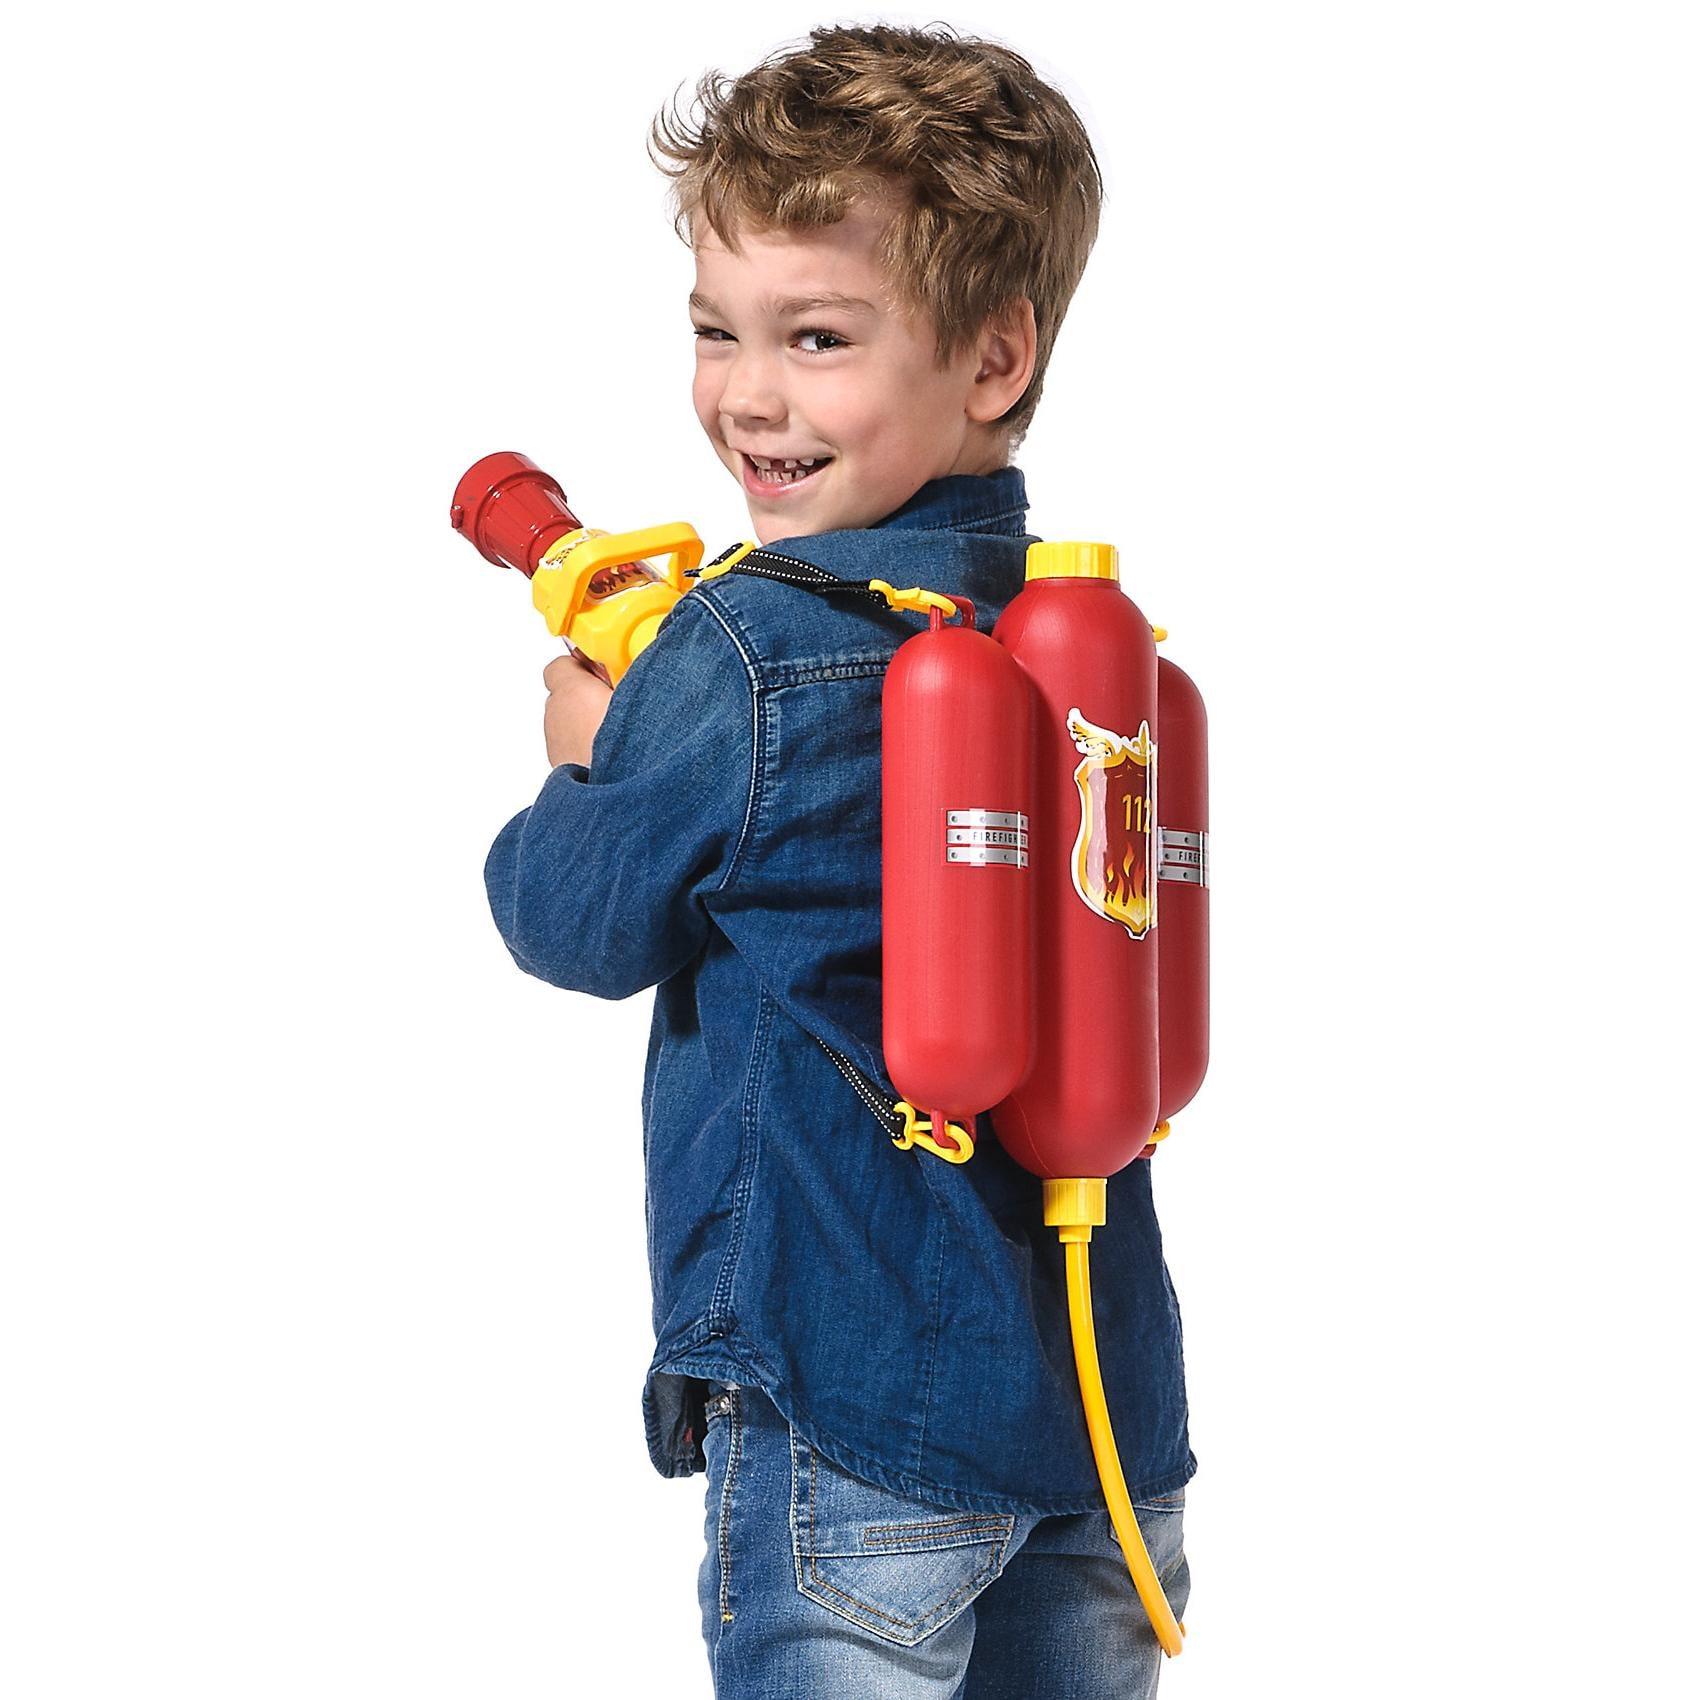 Idena Feuerwehr Wasserspritze